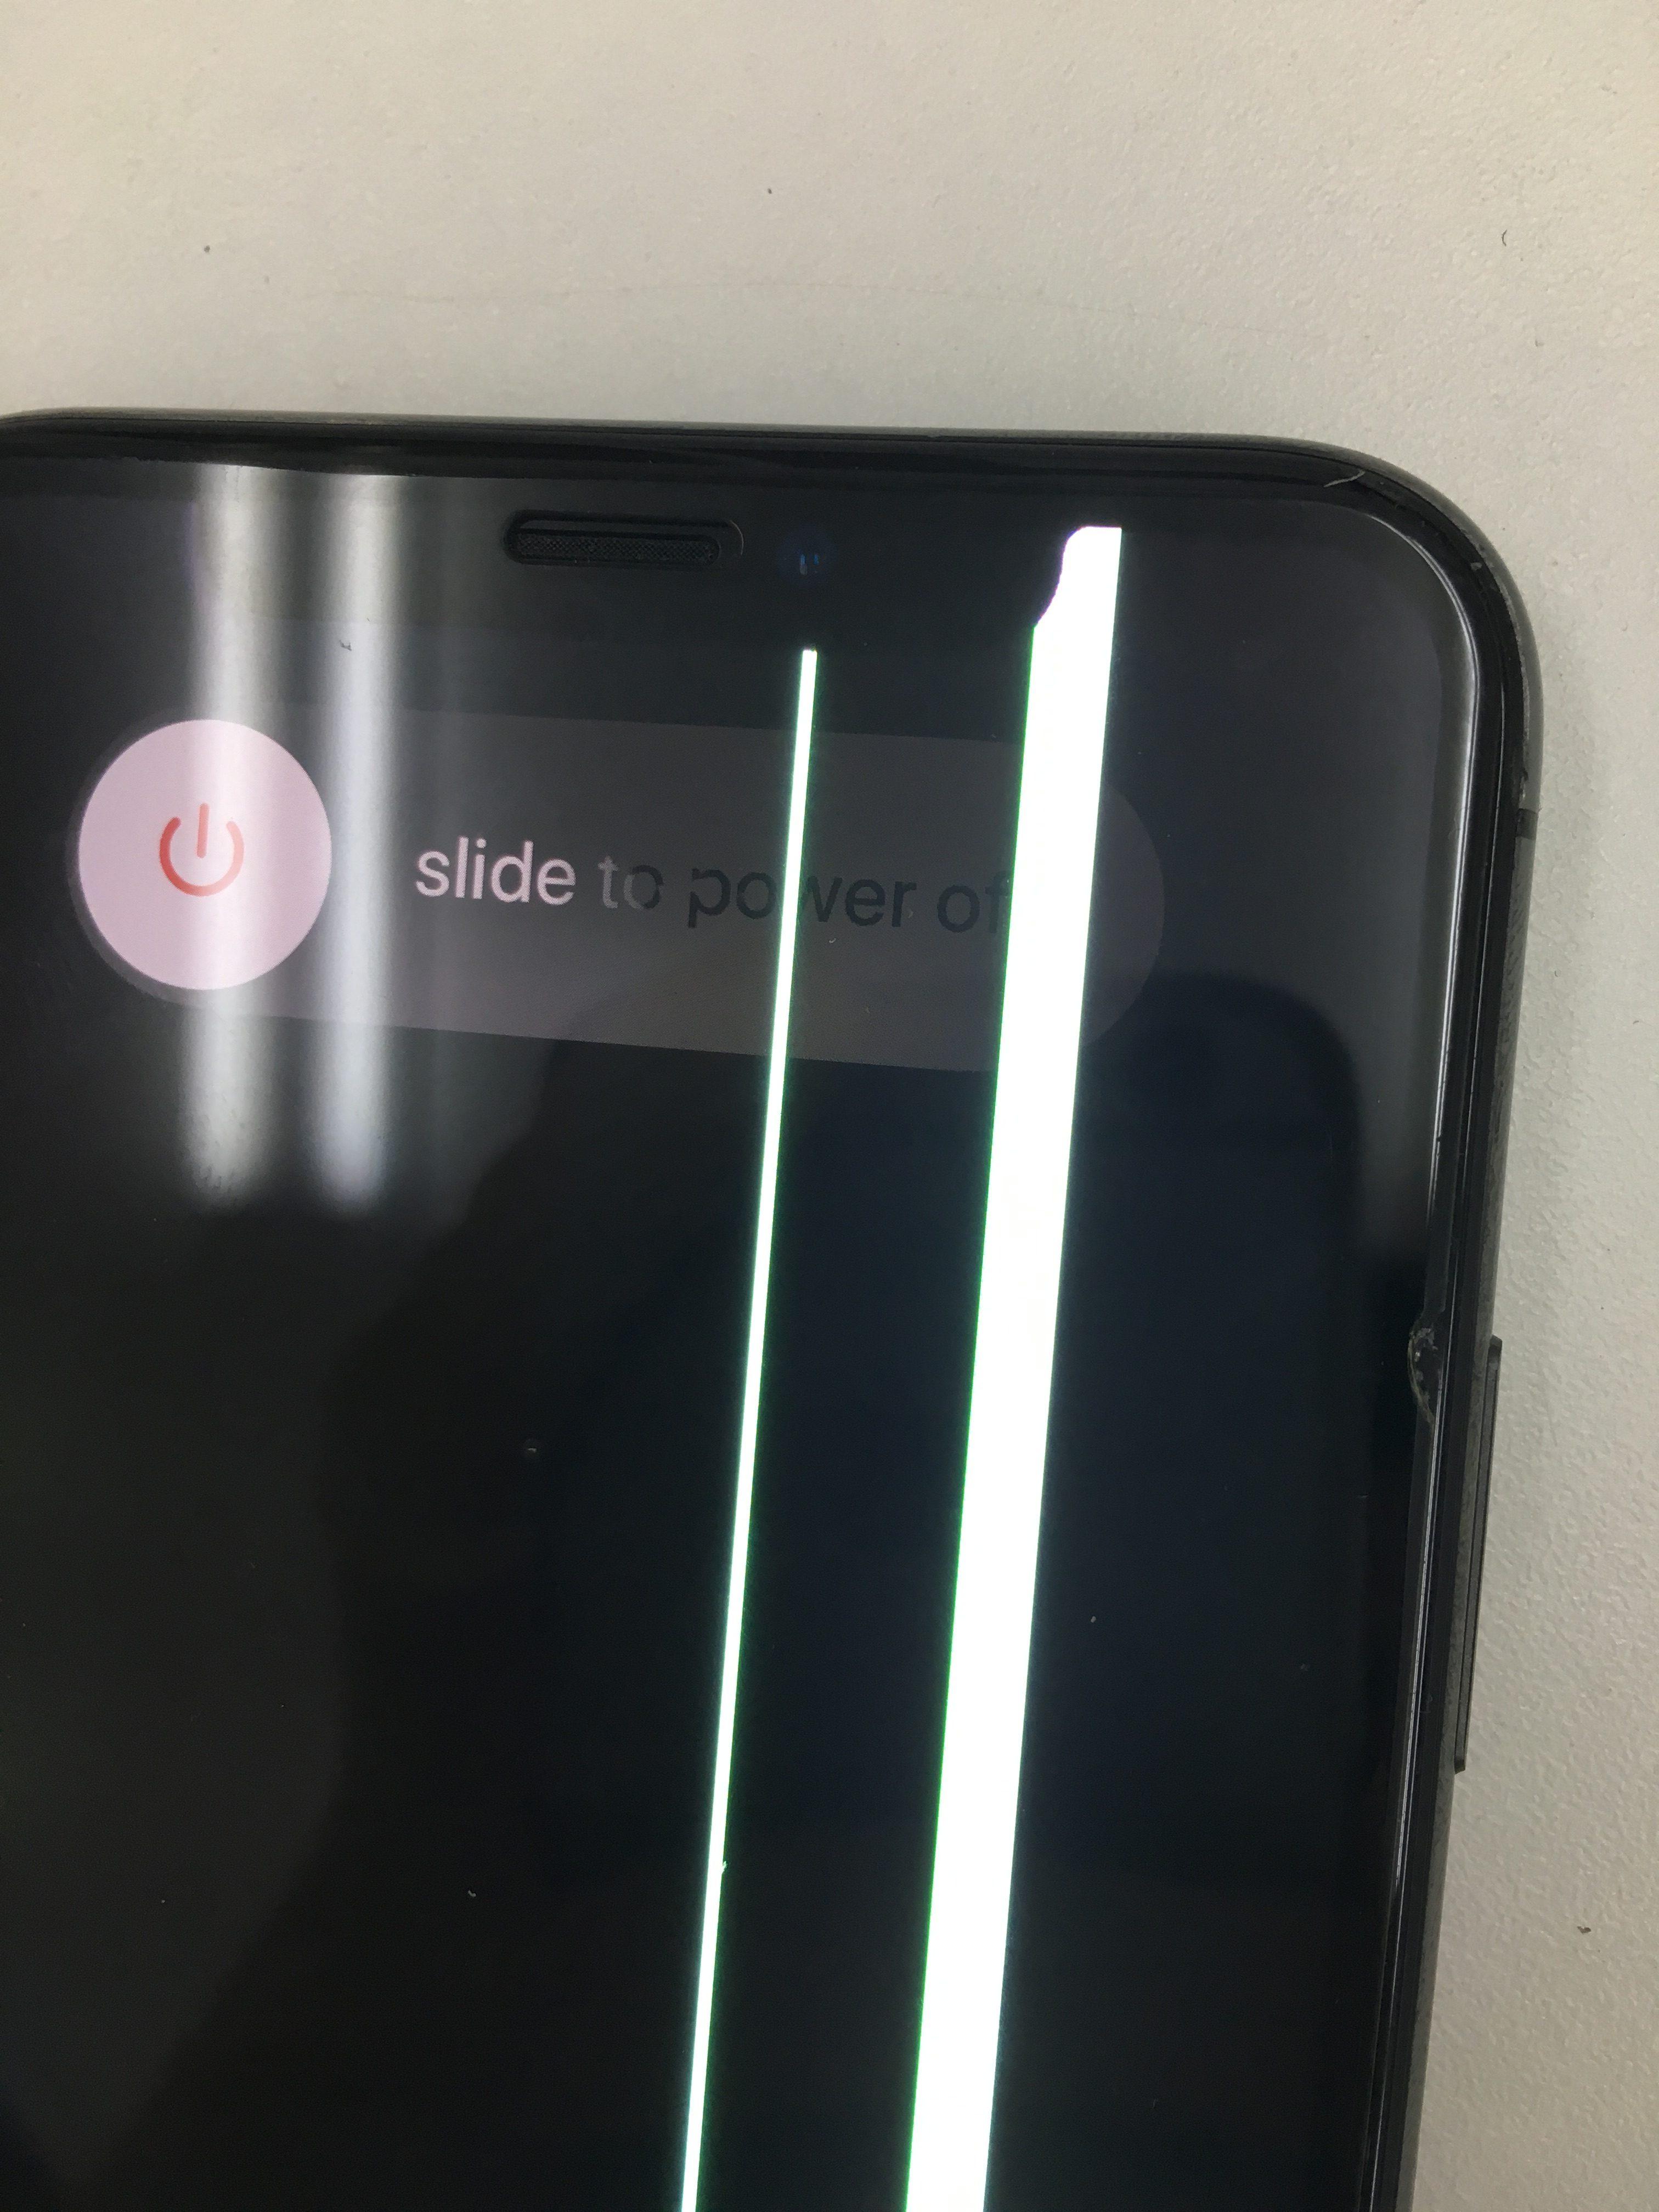 iPhoneX 画面破損